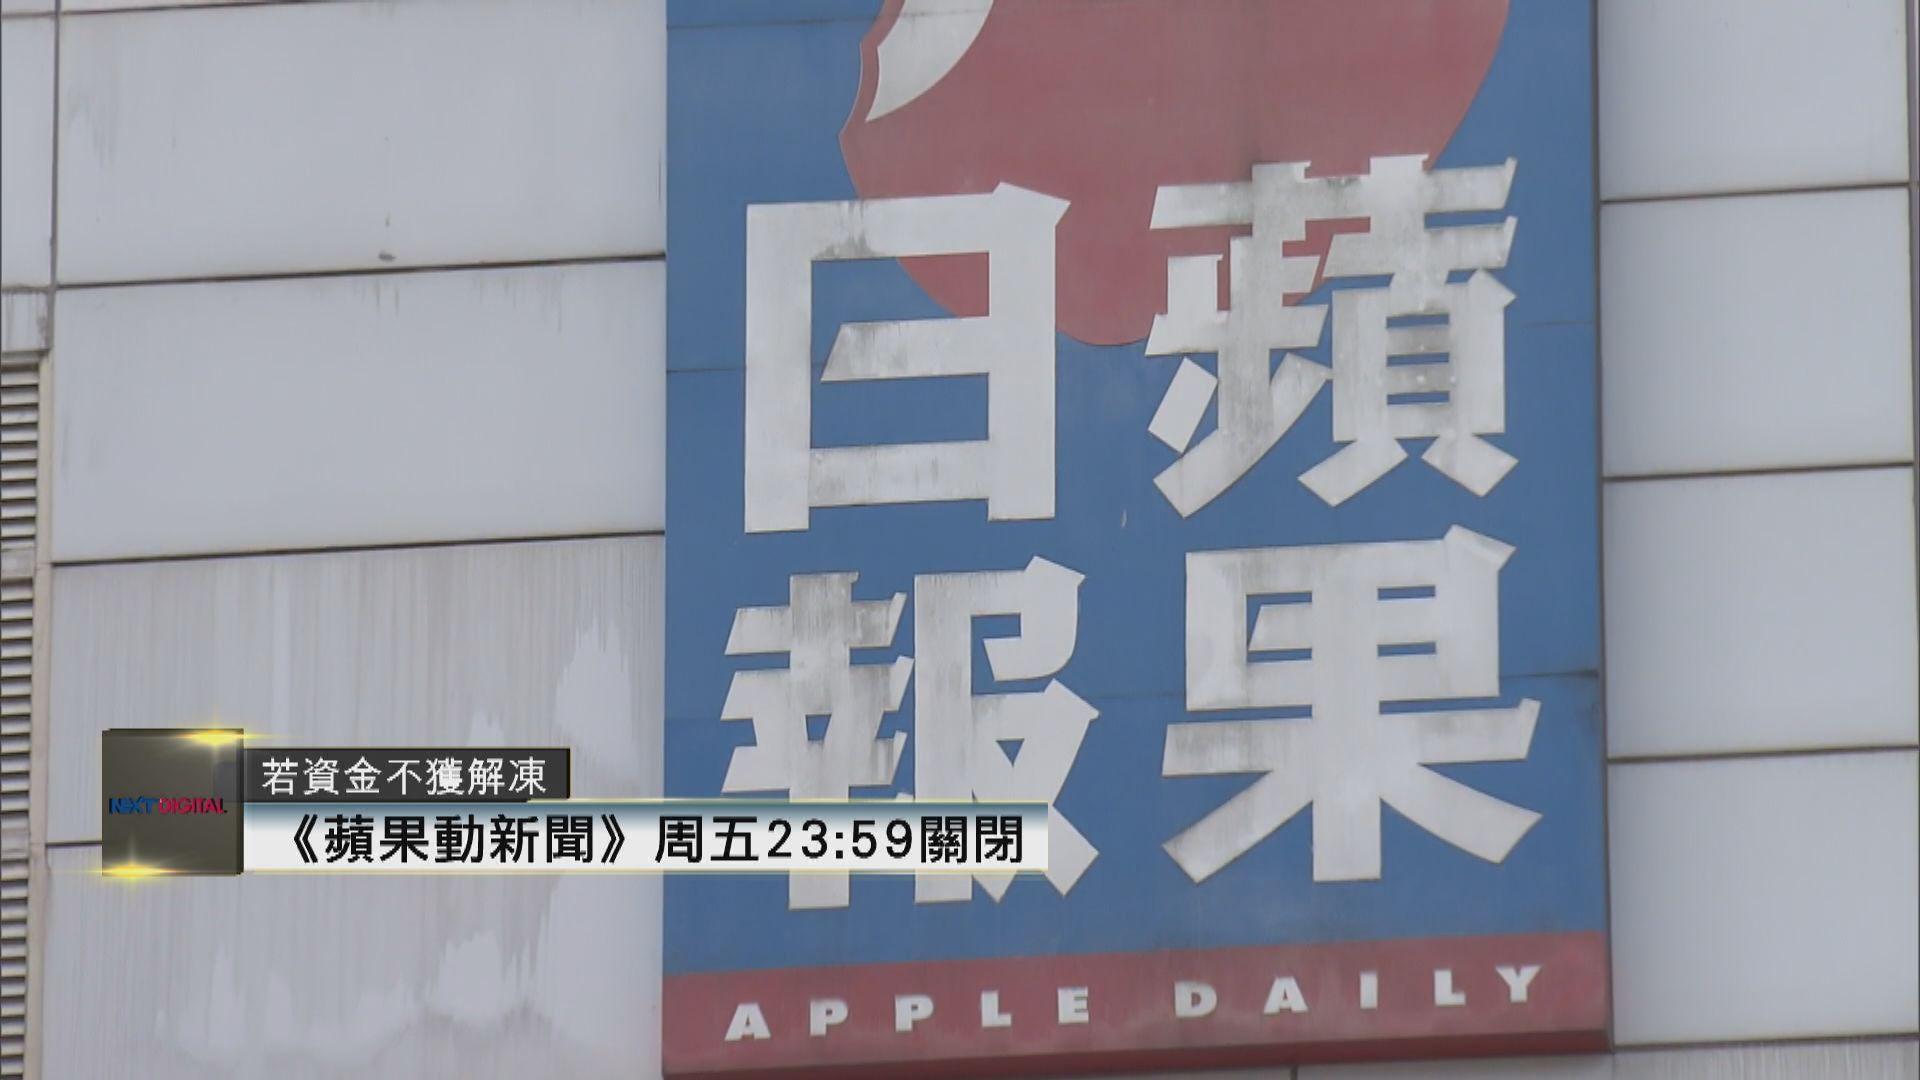 【周五或成死線】消息:若保安局拒解凍資金蘋果日報及動新聞將停運